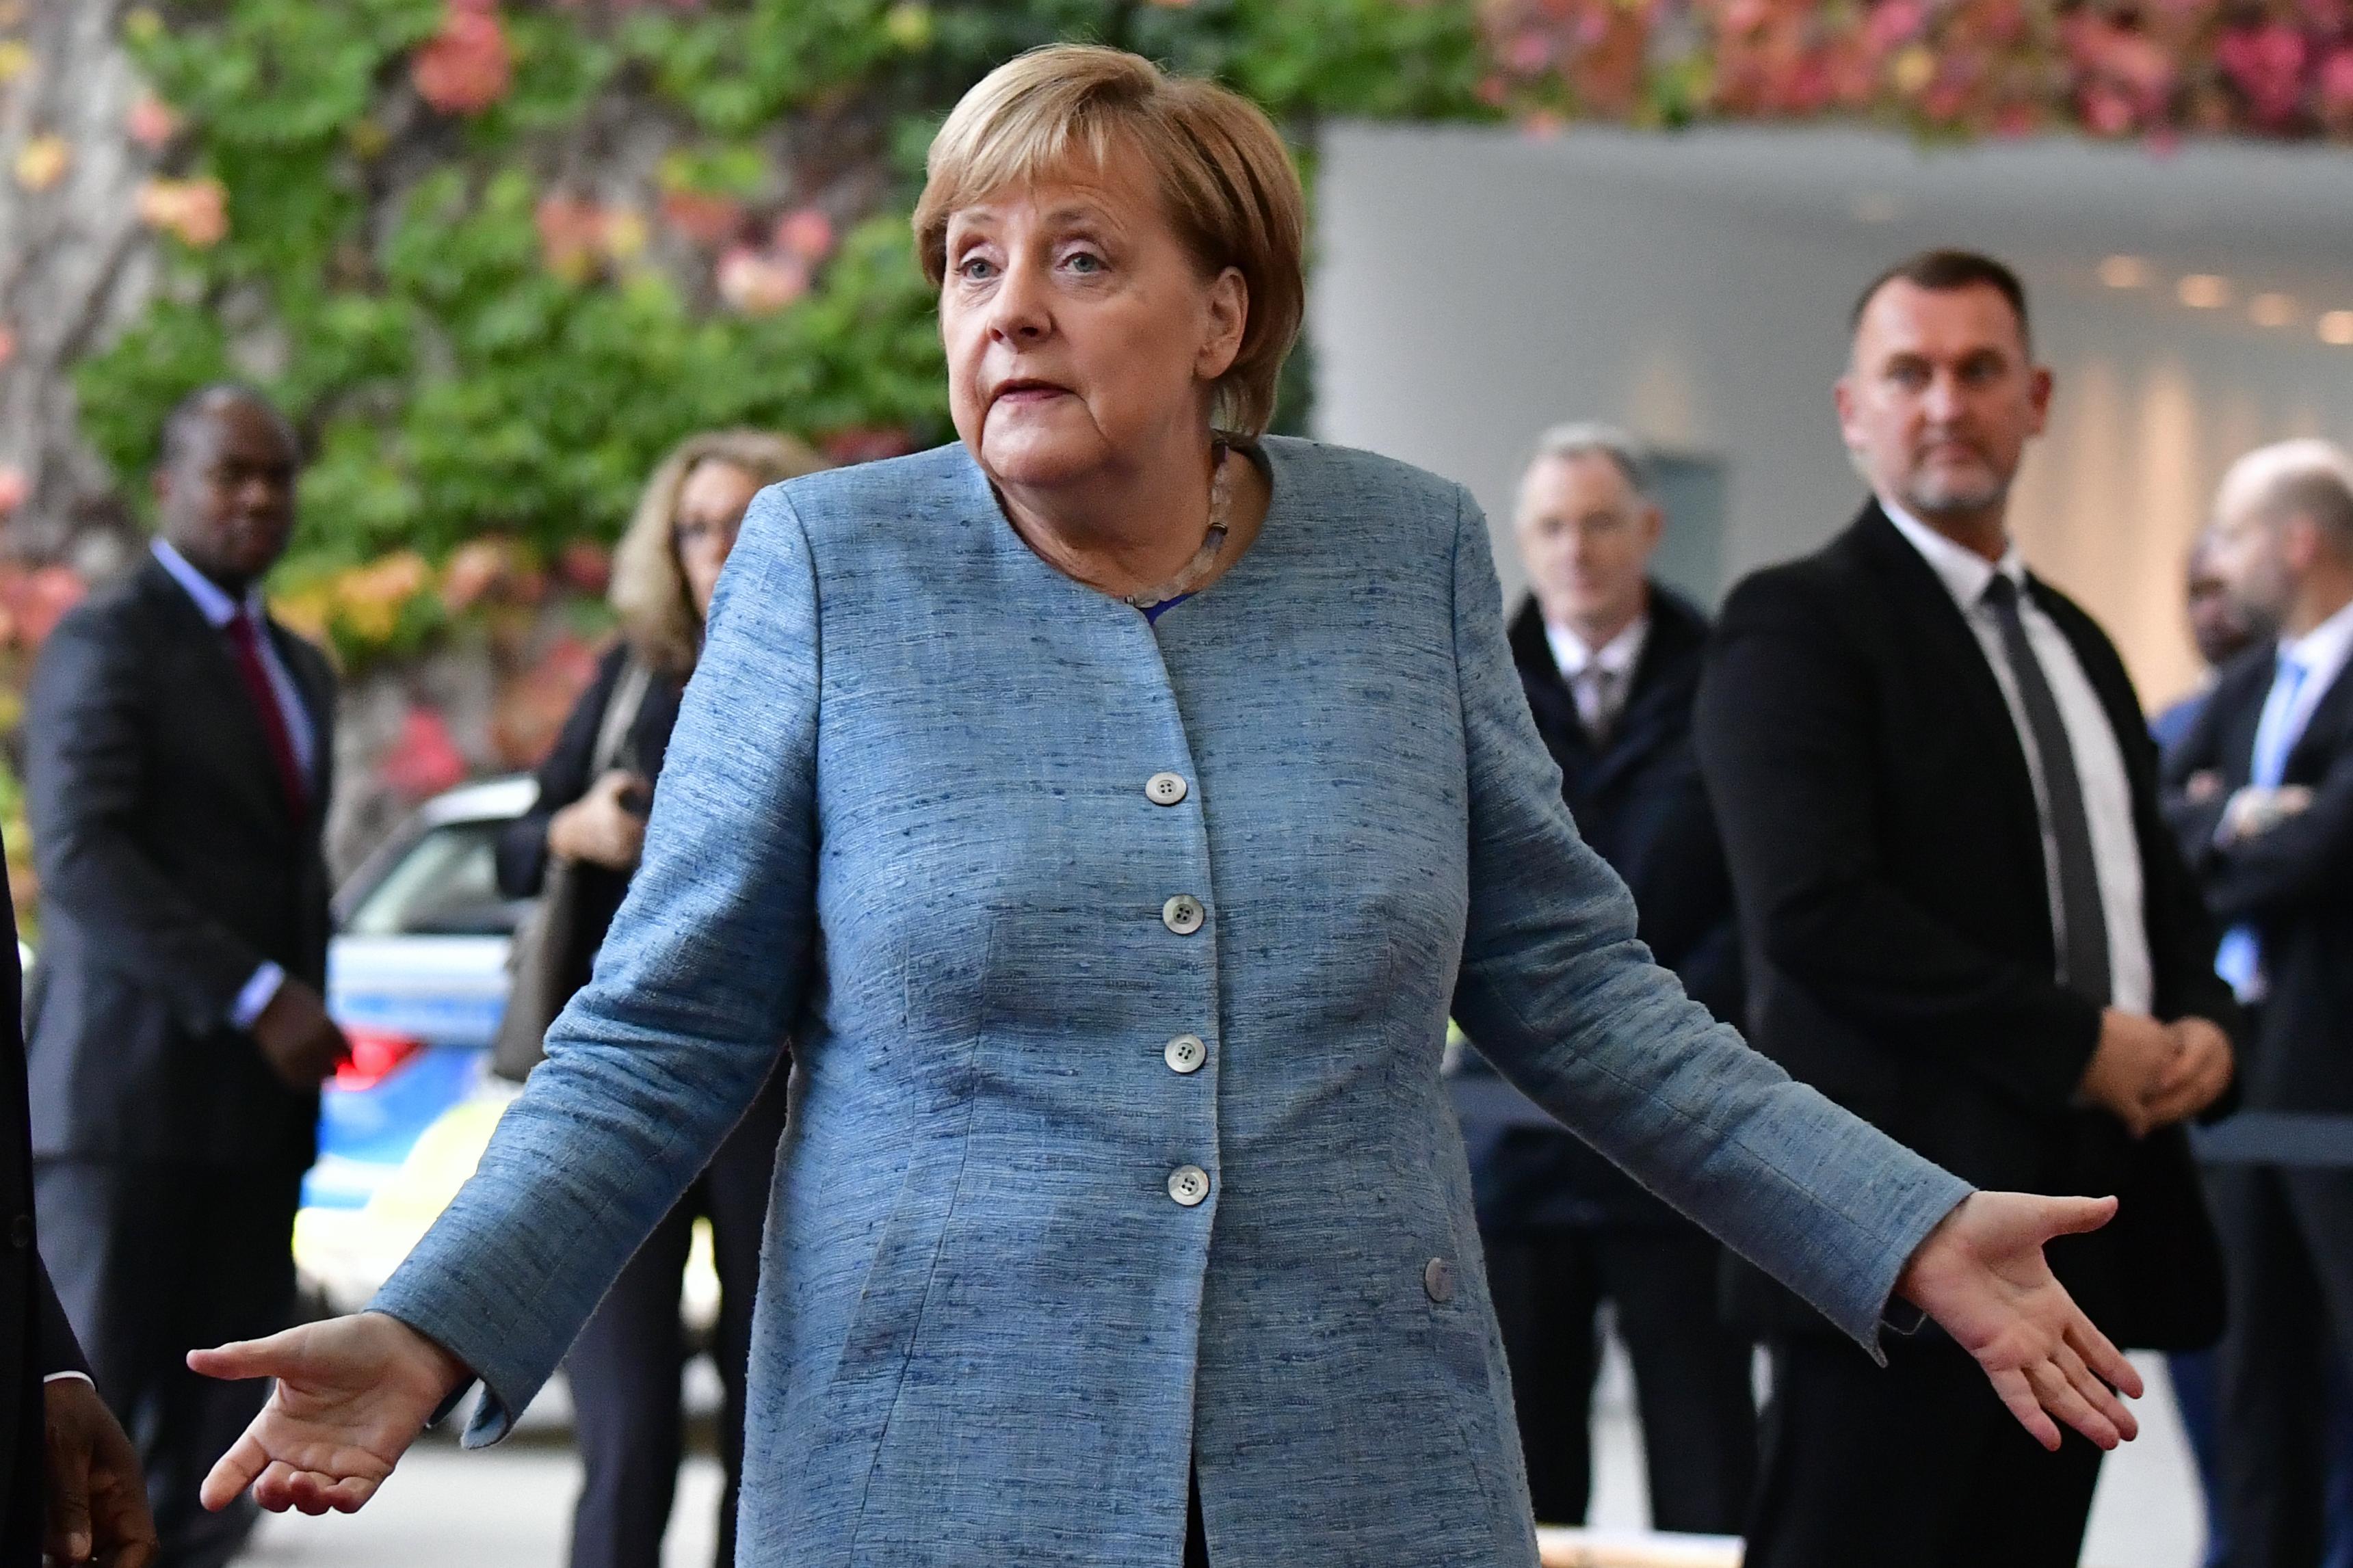 Pártjában erős marad Merkel, de a koalíció könnyen magával ránthatja